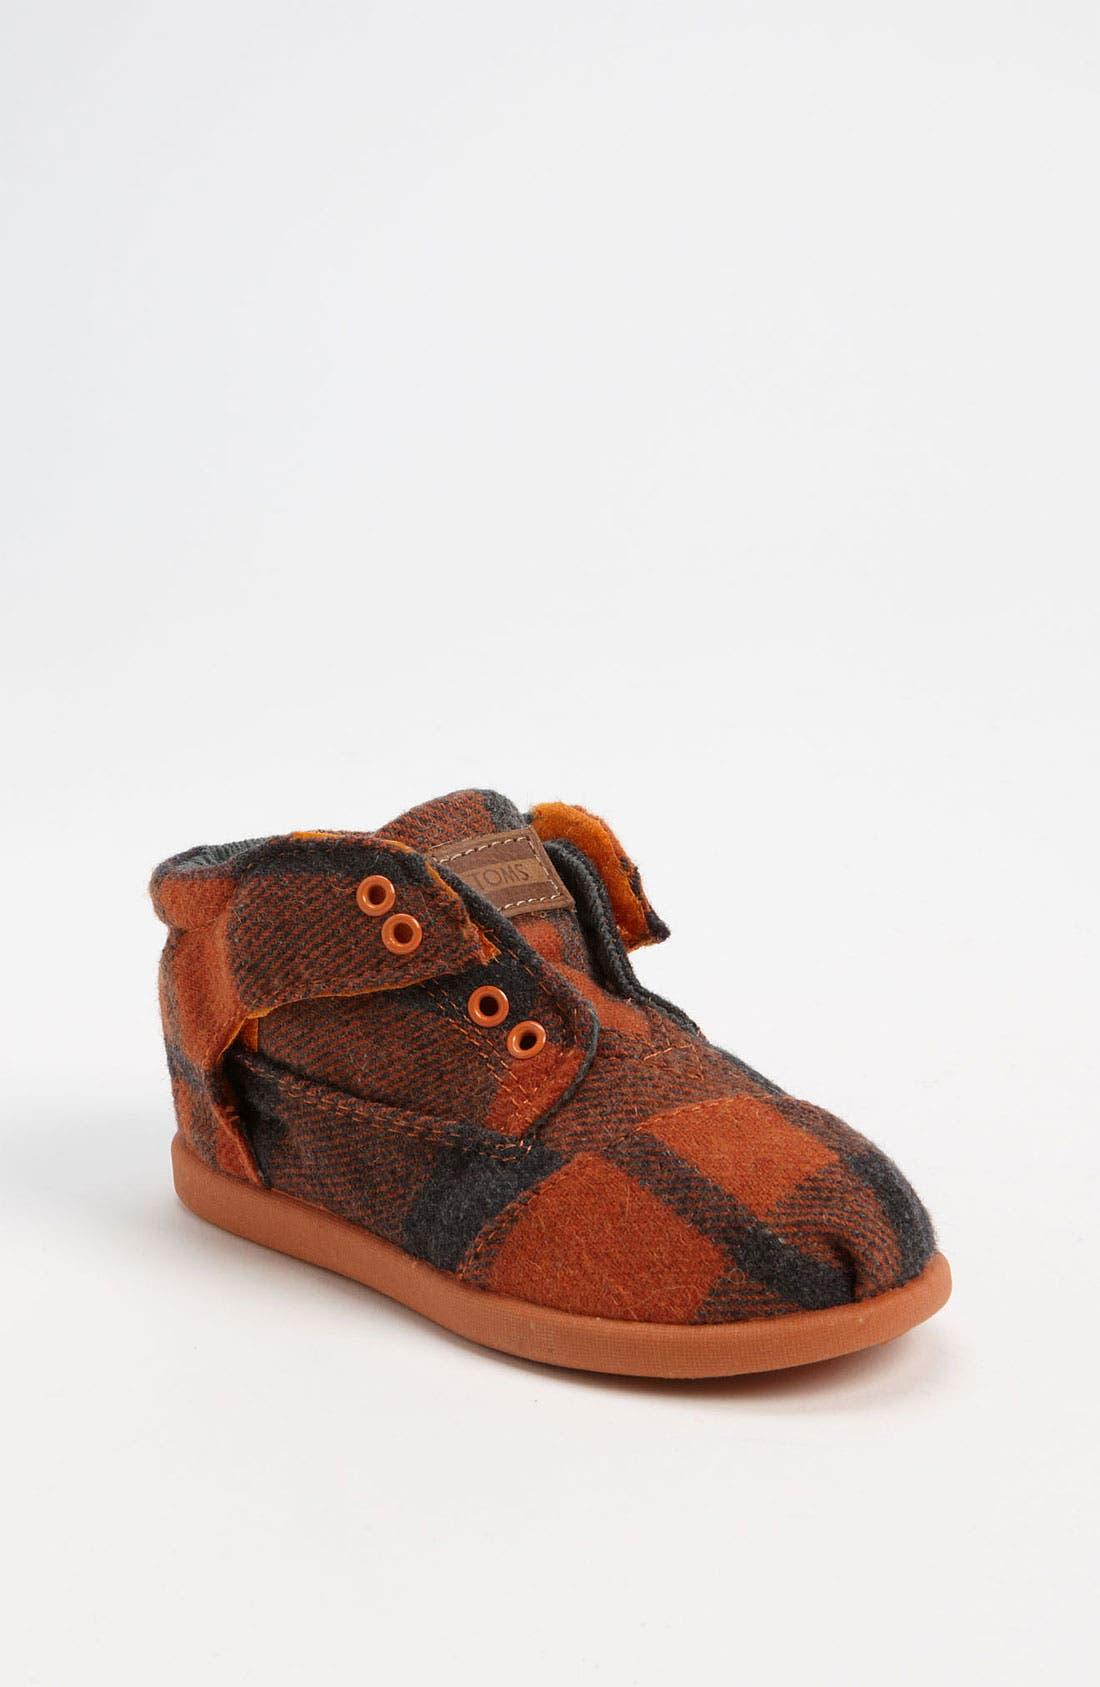 Main Image - TOMS 'Botas' Woolen Boot (Baby, Walker & Toddler)